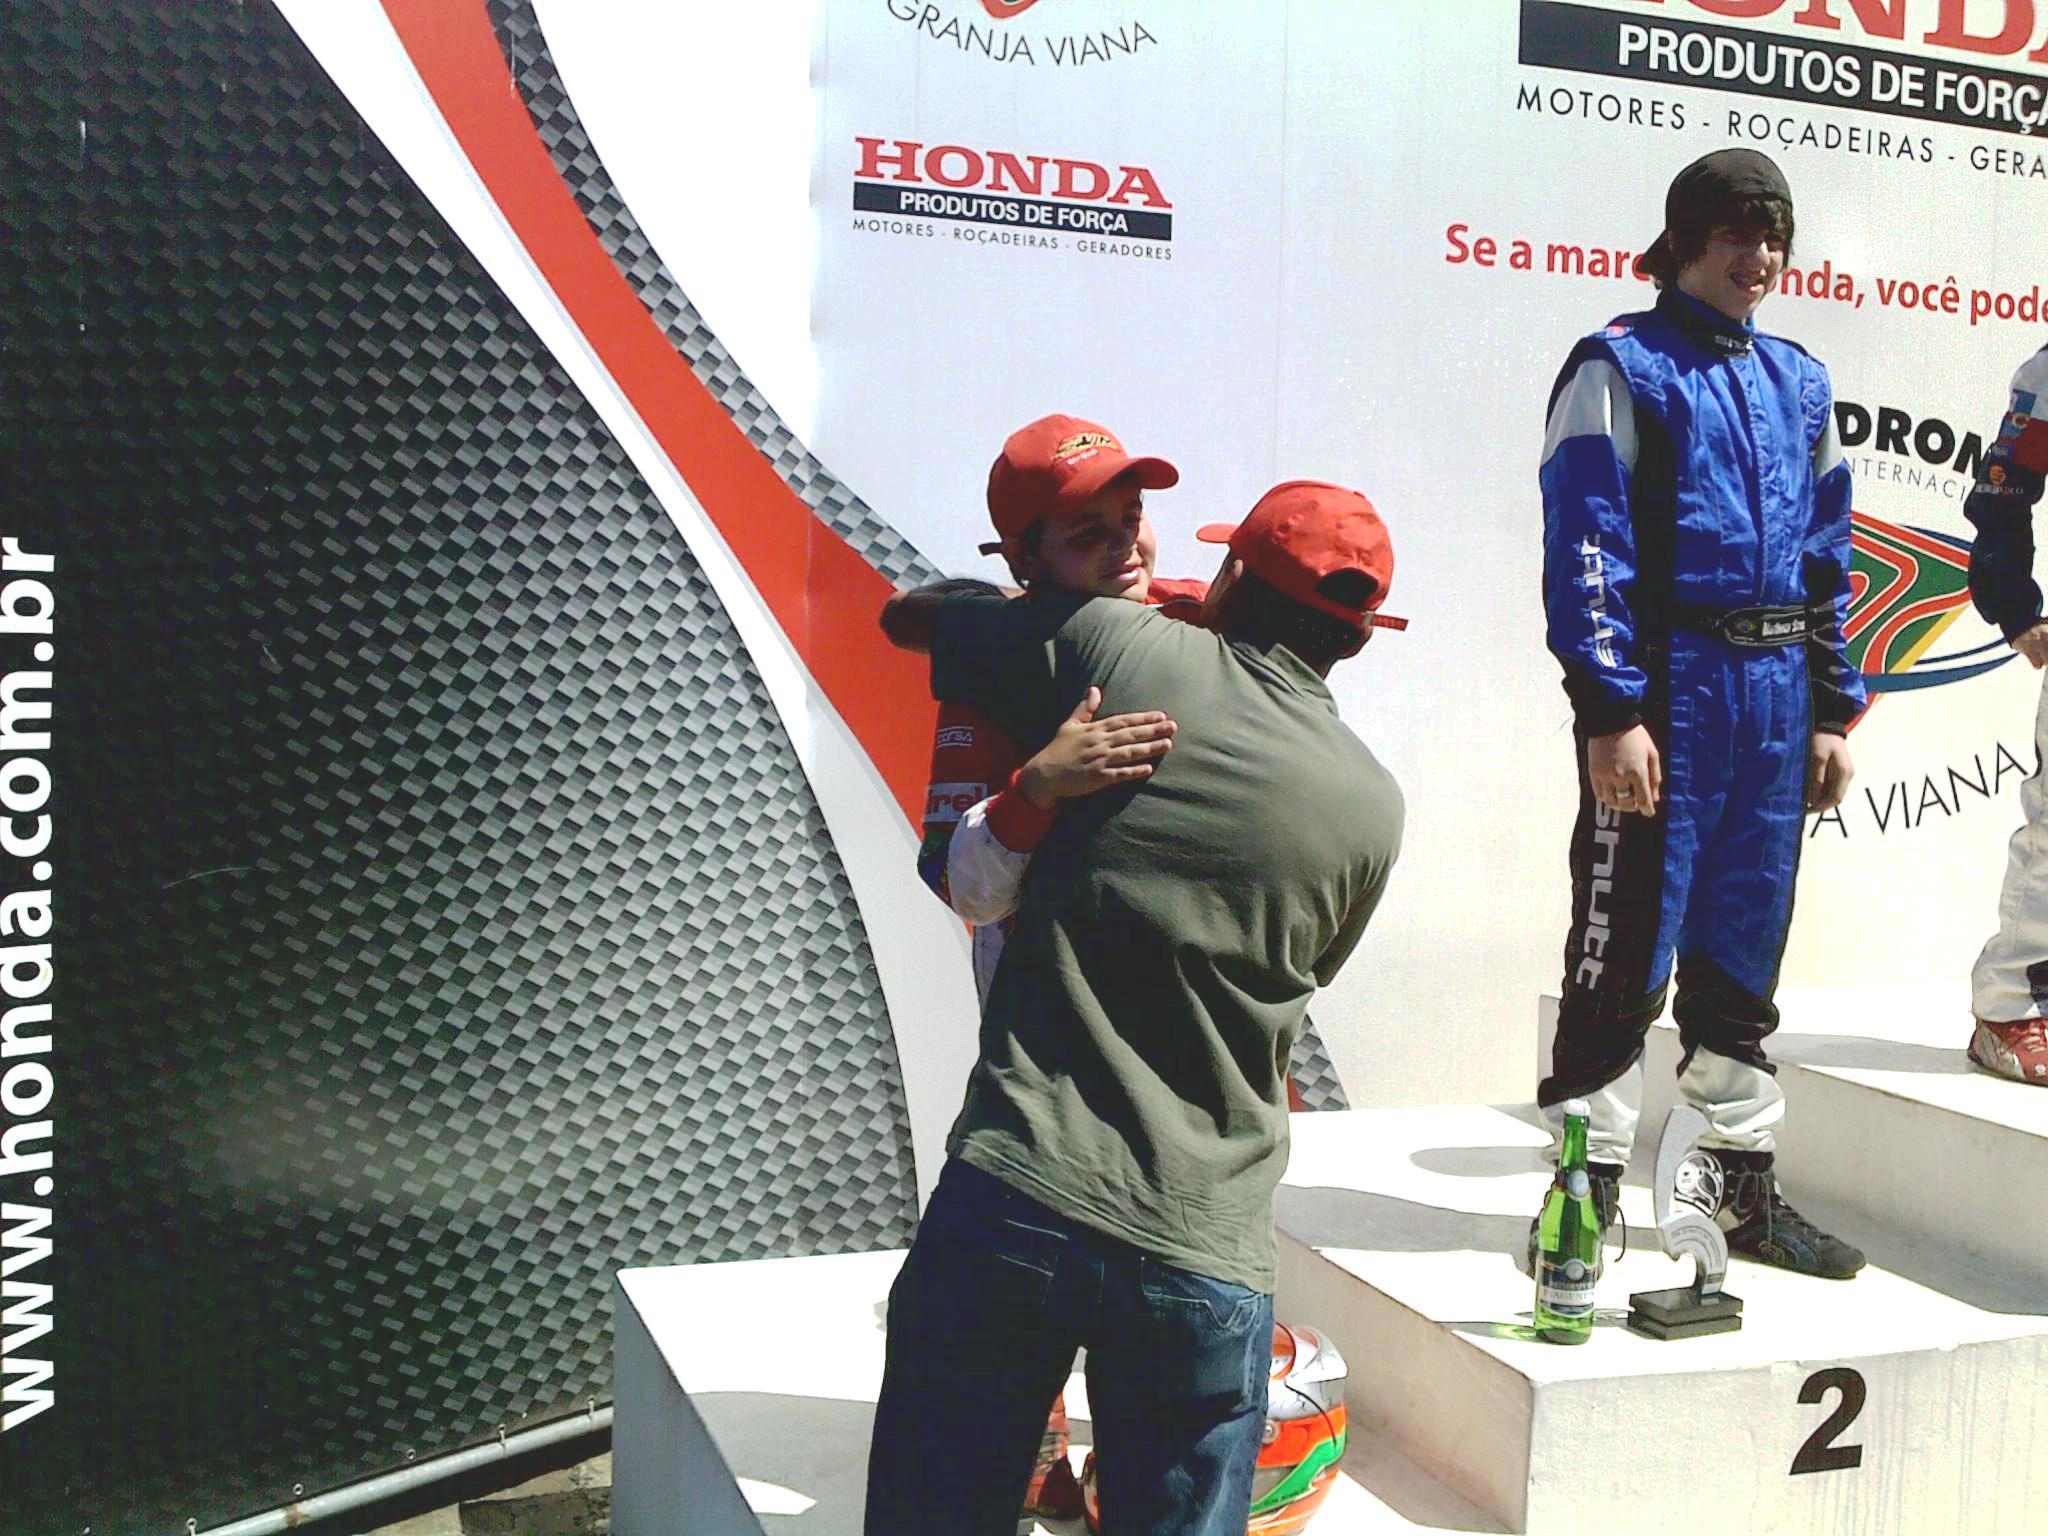 O abraço de Márcio em Victor no podium.